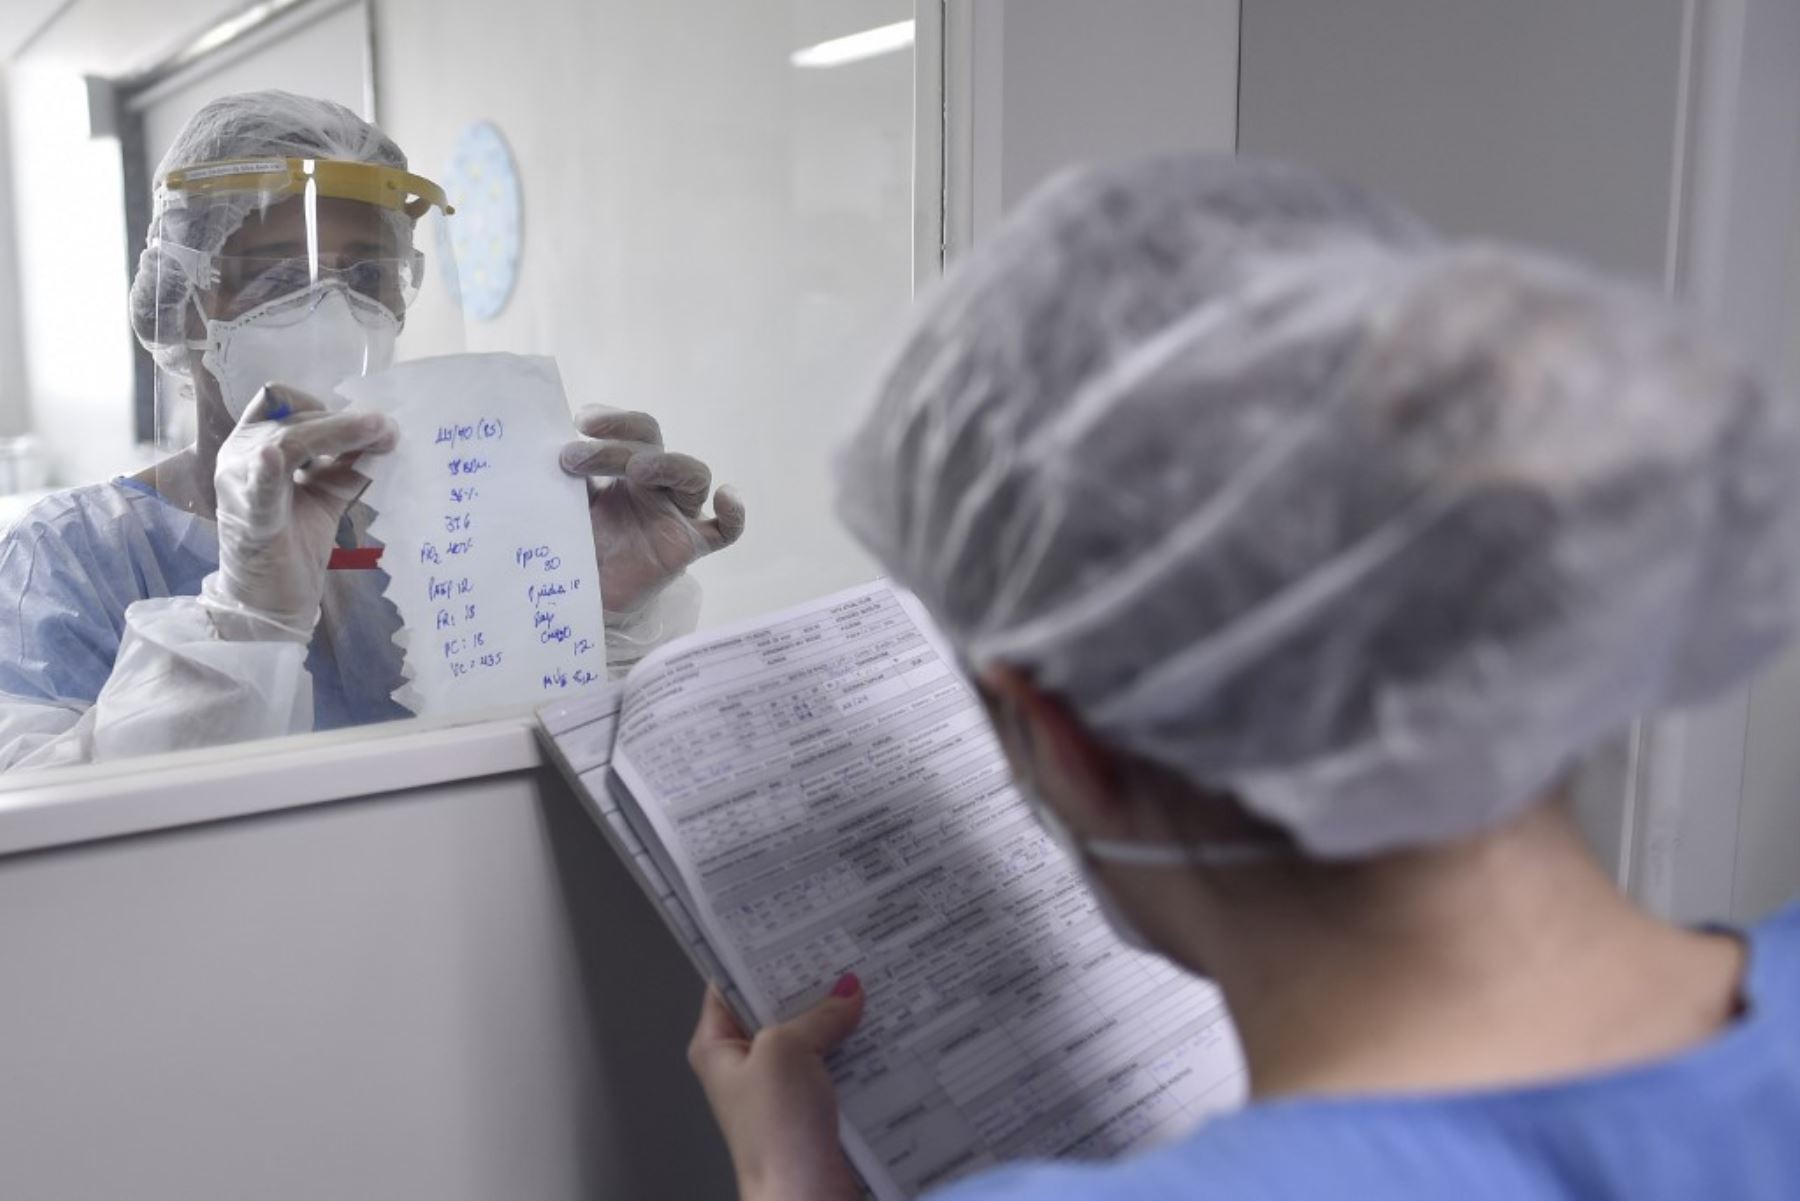 Un profesional de la salud que usa EPP completo  pasa información sobre un paciente COVID-19 a través de una ventana en la Unidad de Cuidados Intensivos (UCI) del hospital Santa Casa en Belo Horizonte, Brasil. Foto: AFP